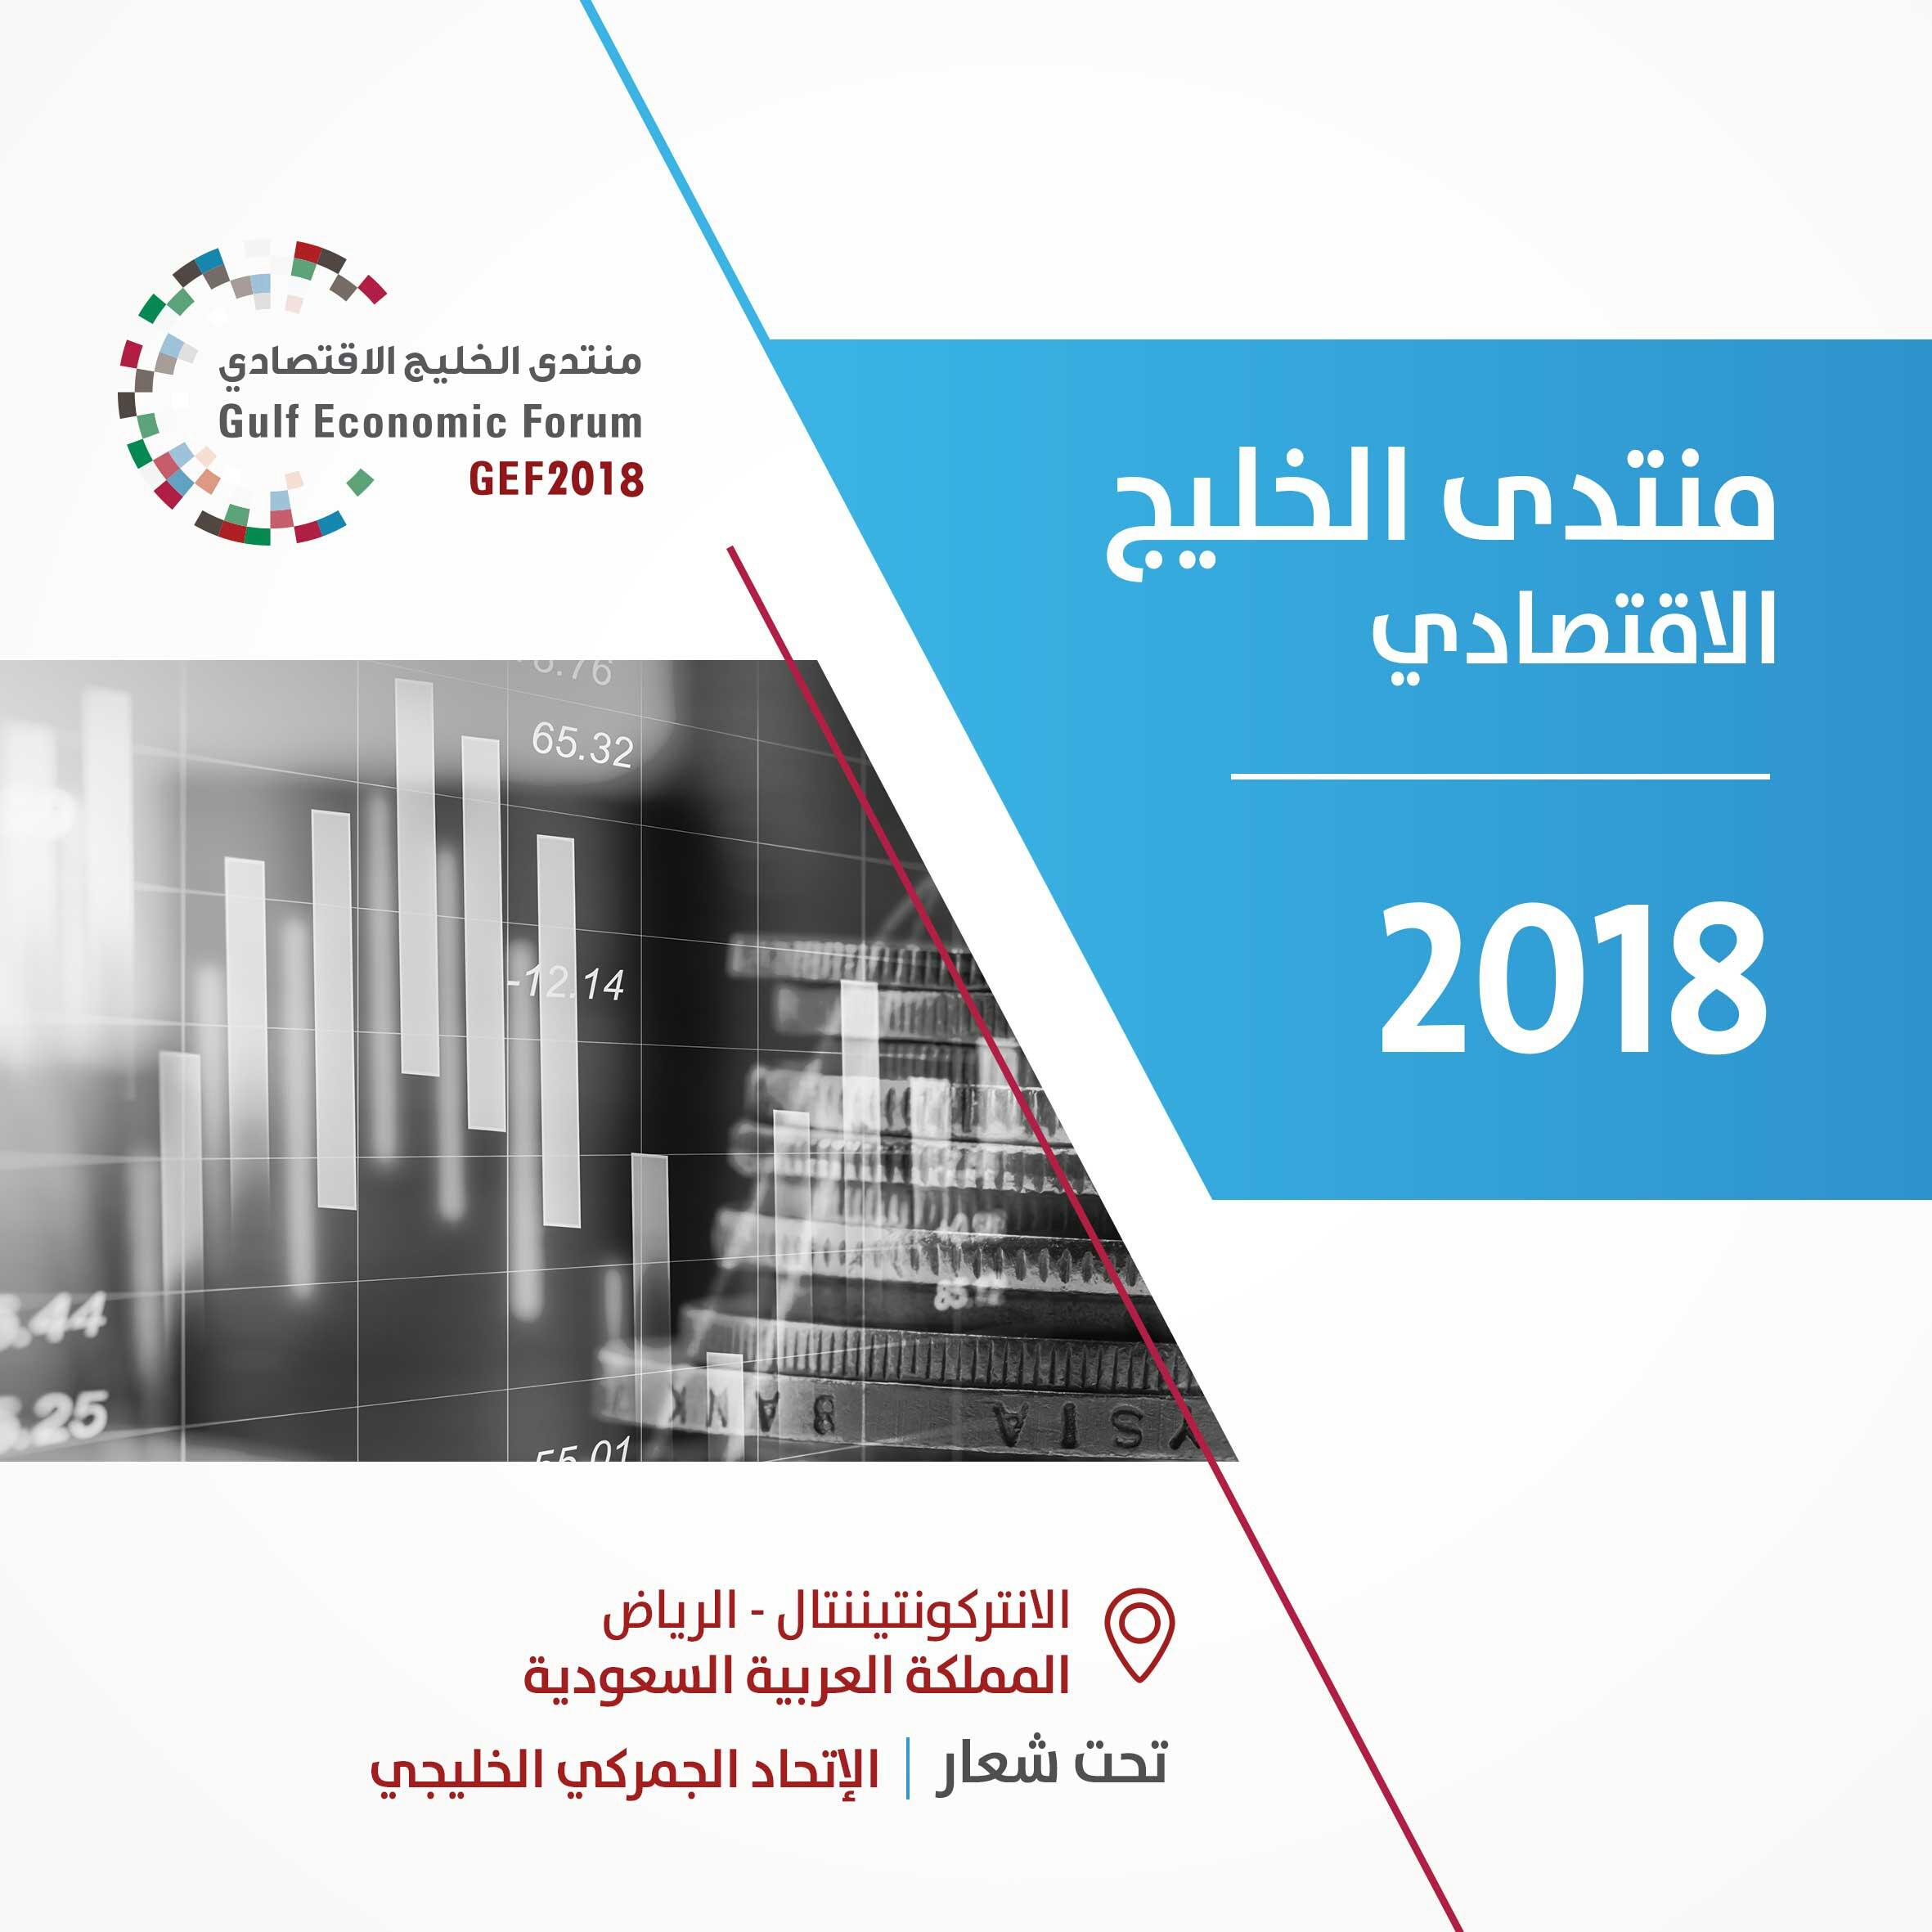 منتدى الخليج الاقتصادي